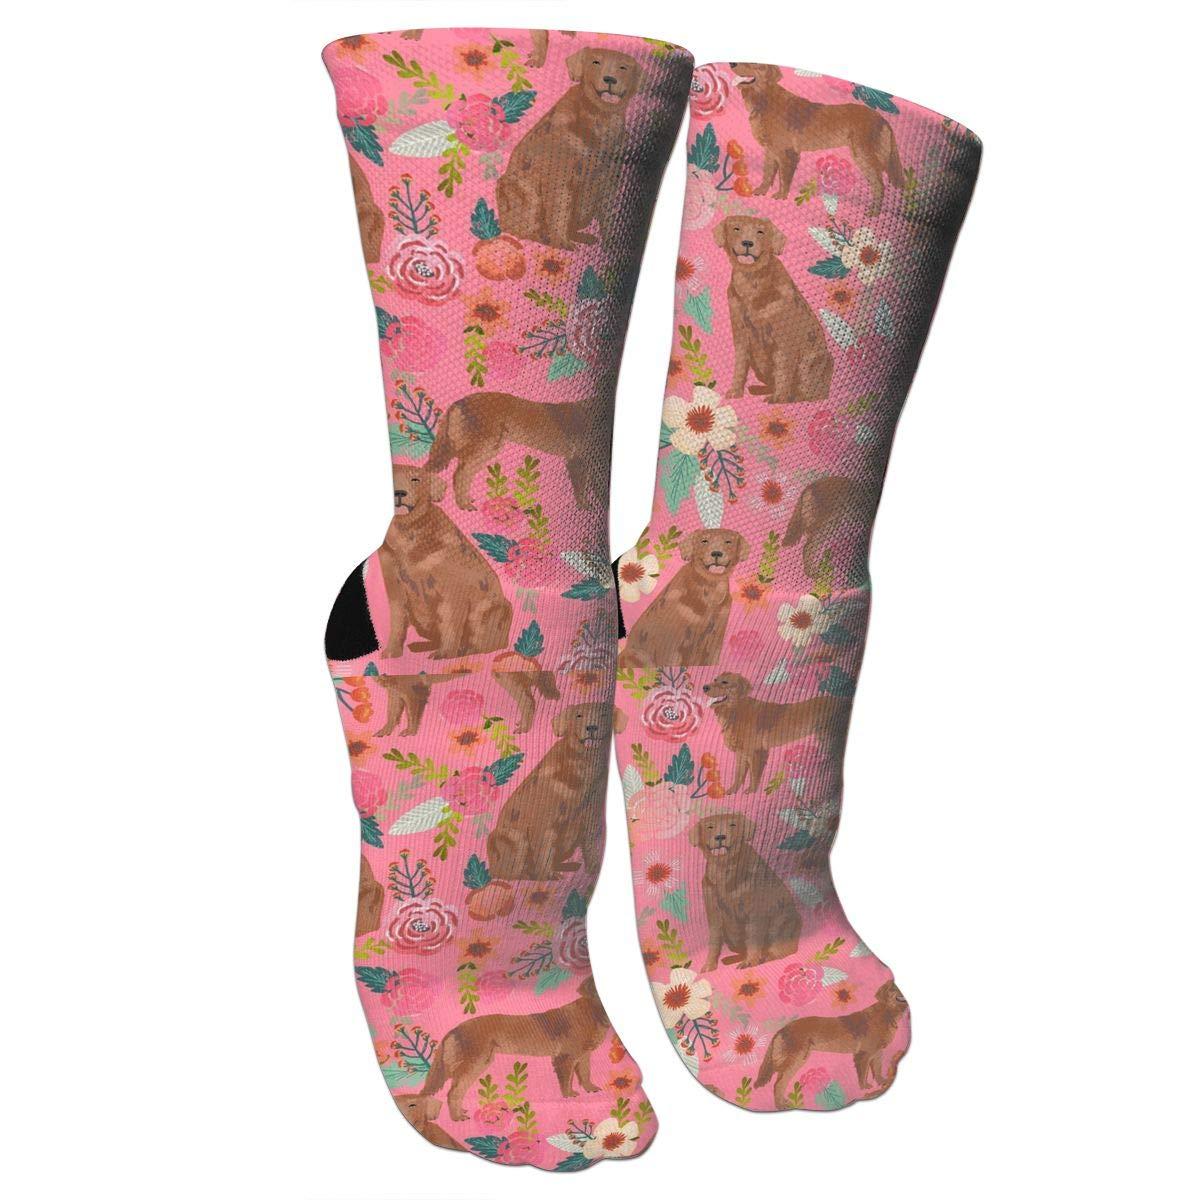 FUNINDIY Forest Nature Athletic Tube Socks Women Men High Socks Crazy Socks